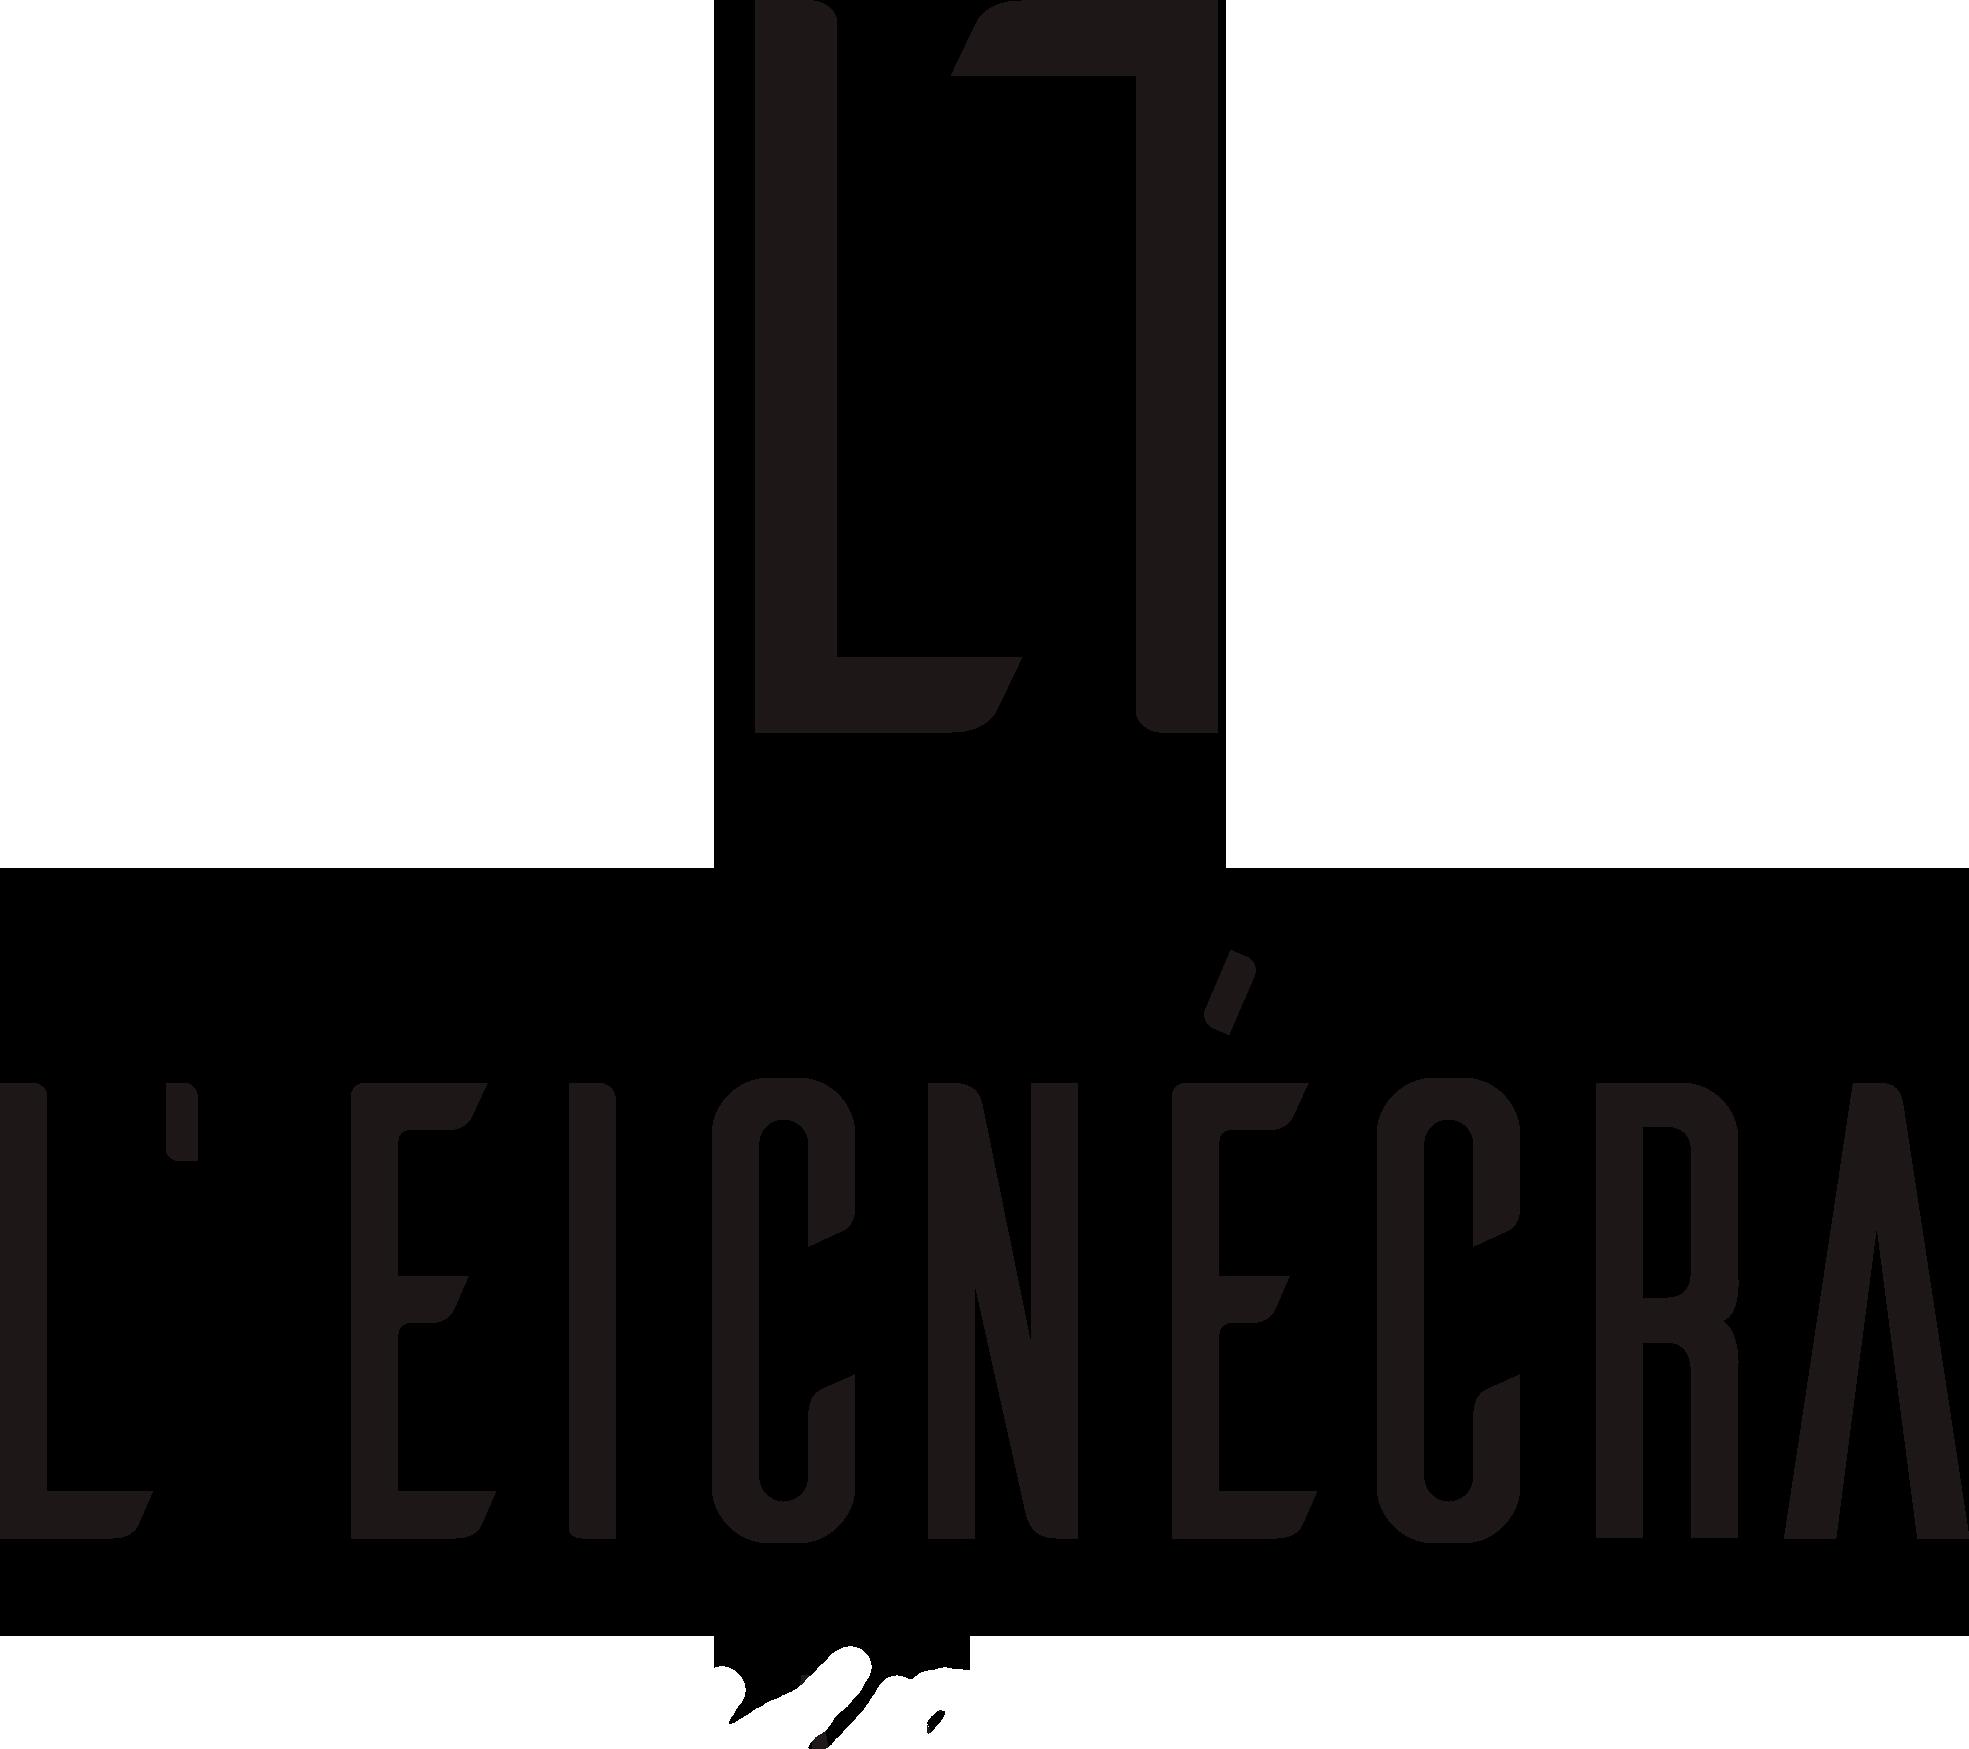 LEICNECRA